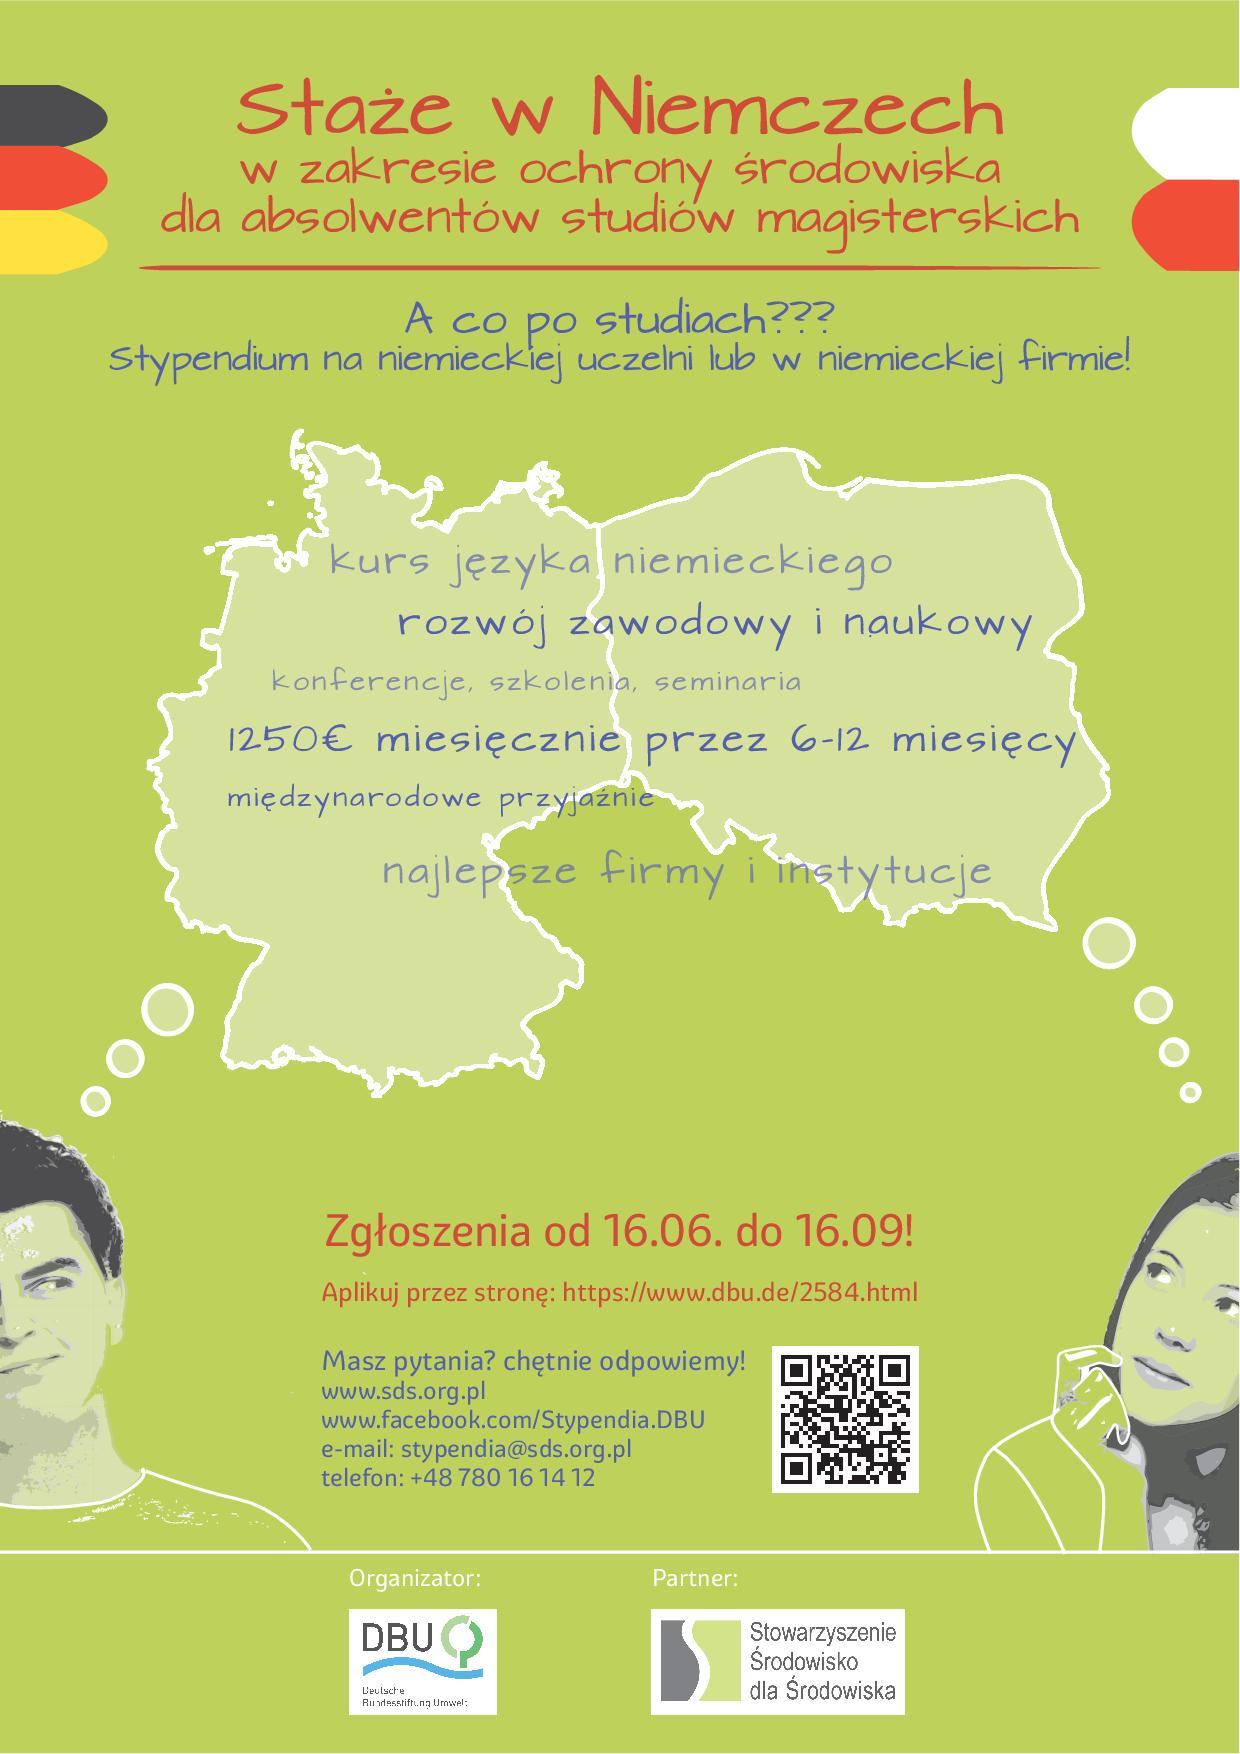 Staże w Niemczech dla absolwentów